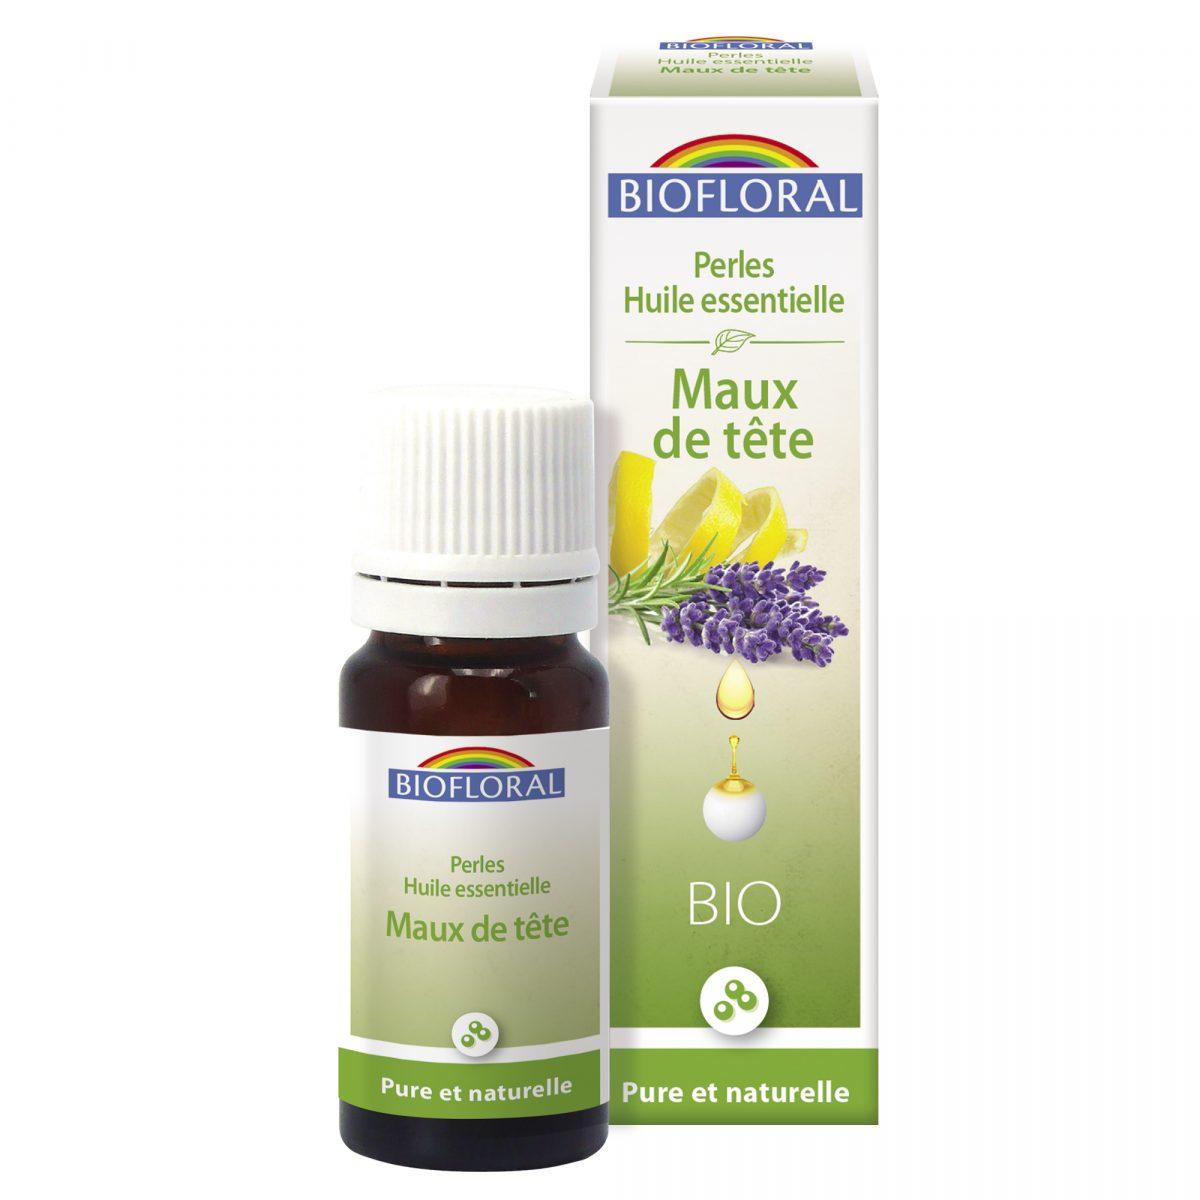 perles aux huiles essentielles maux de tête